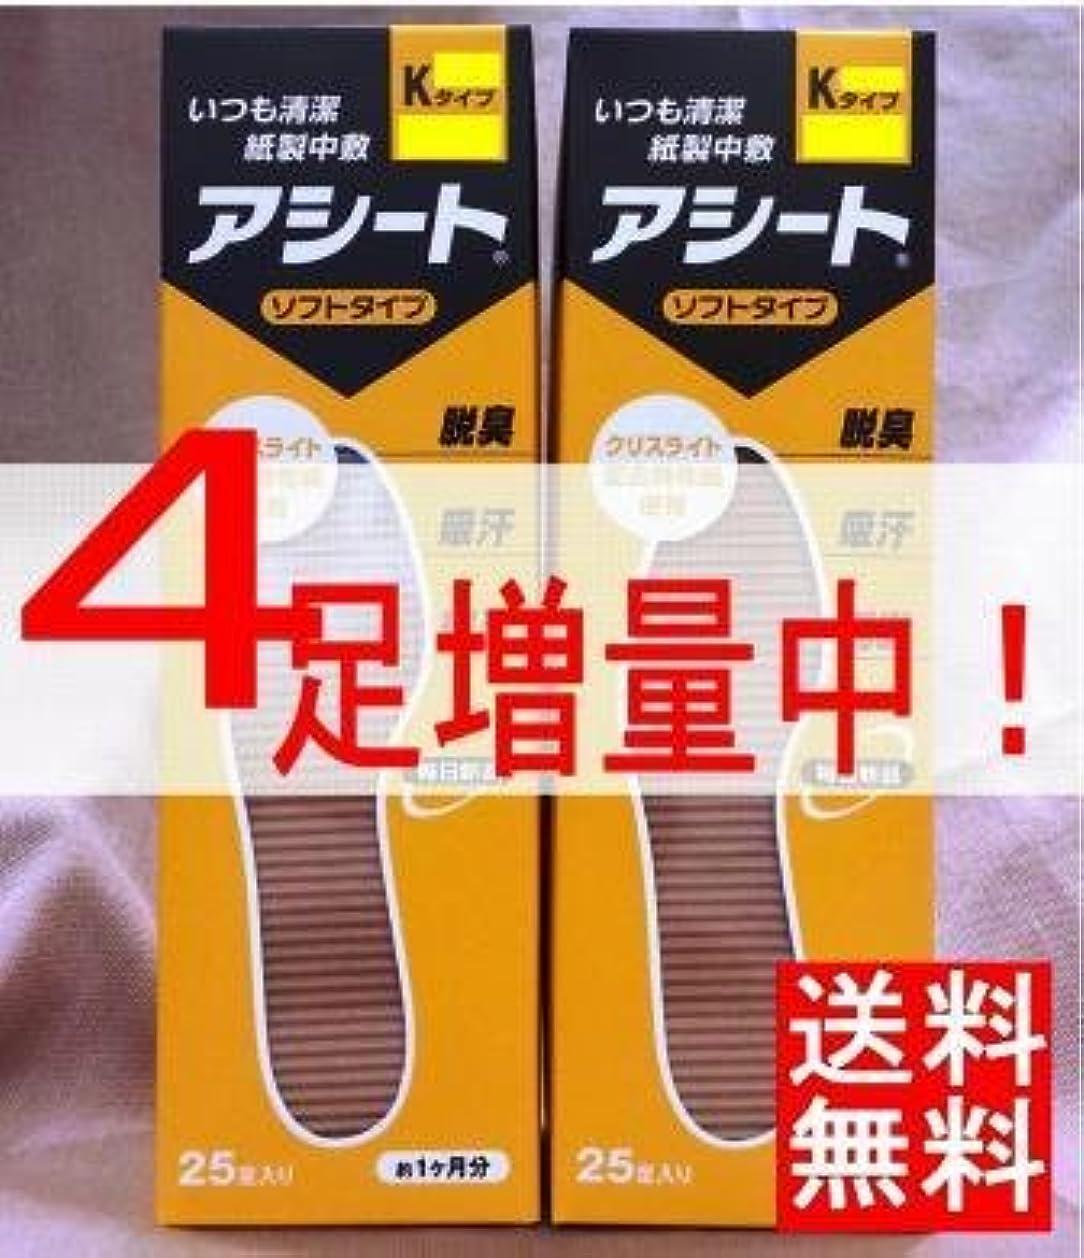 不注意アームストロングハイジャックアシートK(サイズ27cm)×2箱セット(4足増量中)